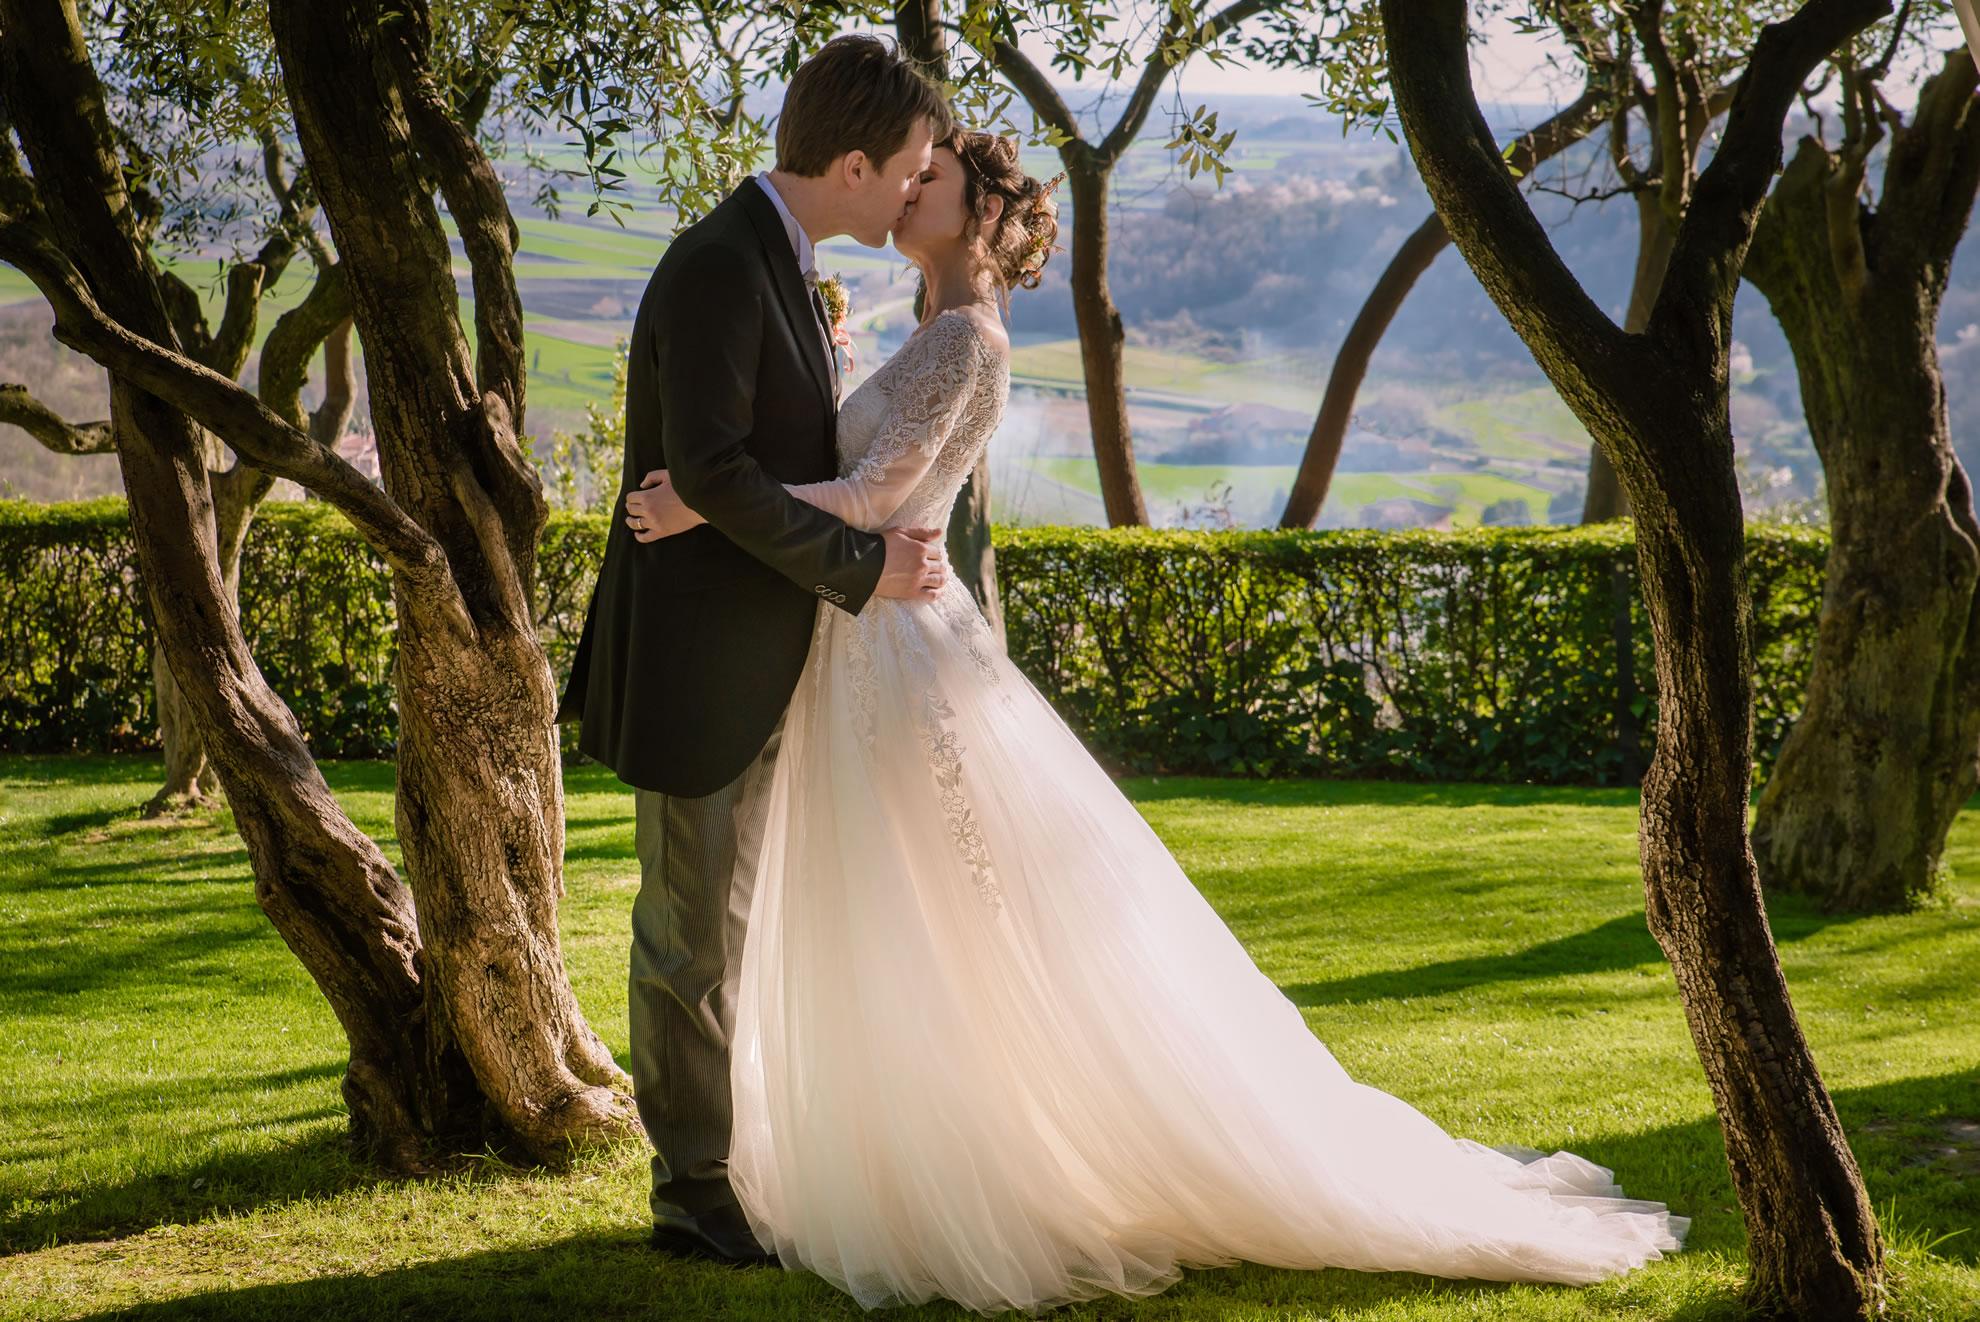 fotografo di matrimonio a padova – sposi tra gli ulivi in collina